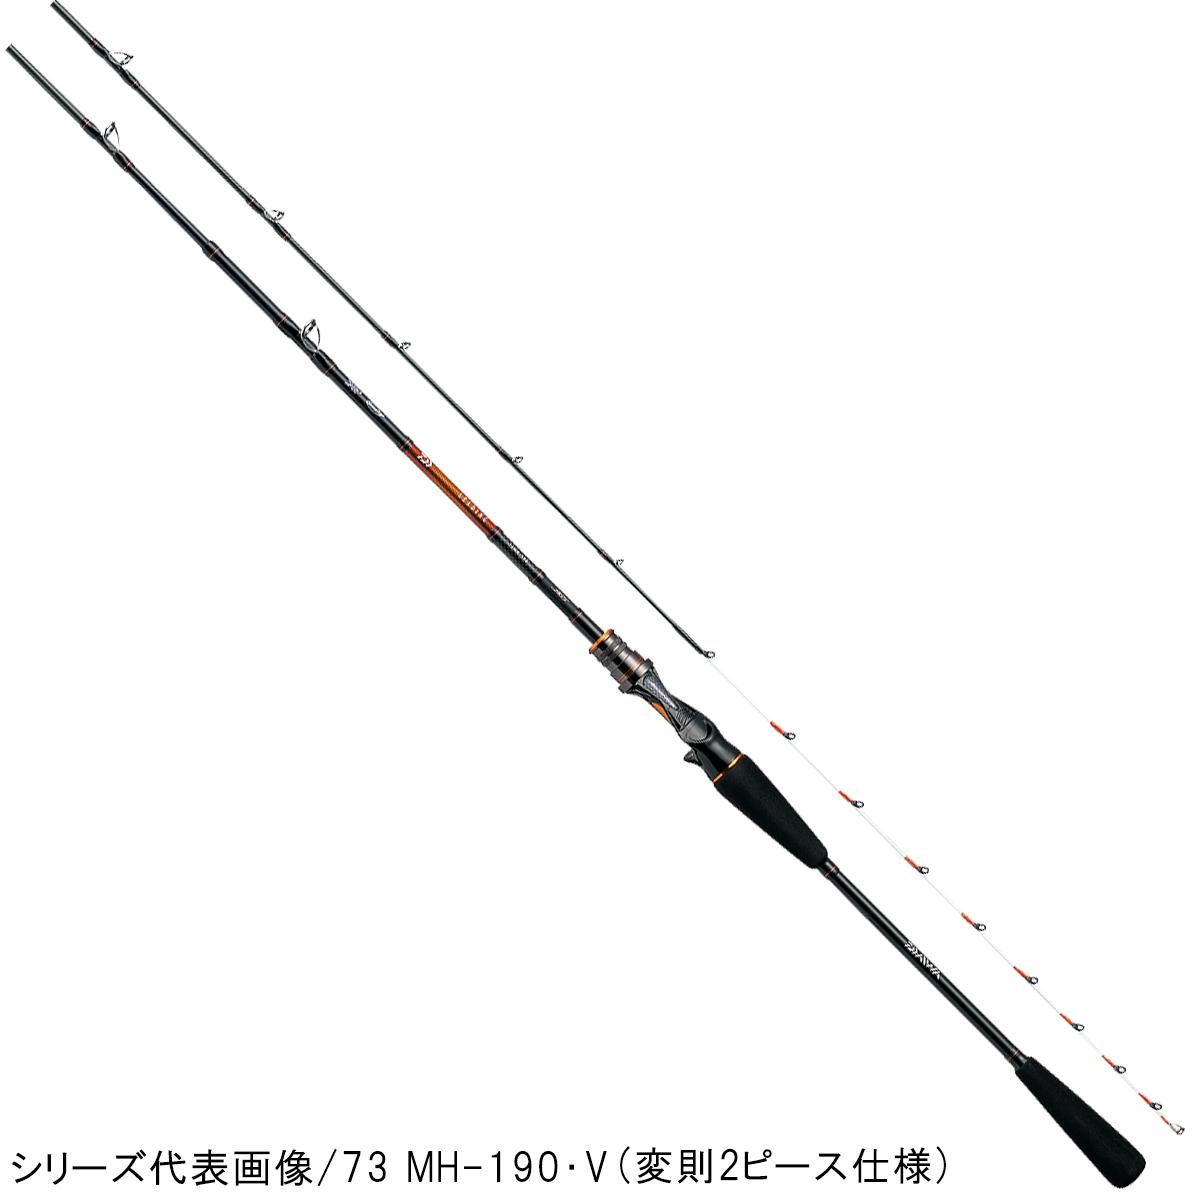 ダイワ リーディング 82 M-185 MT・V